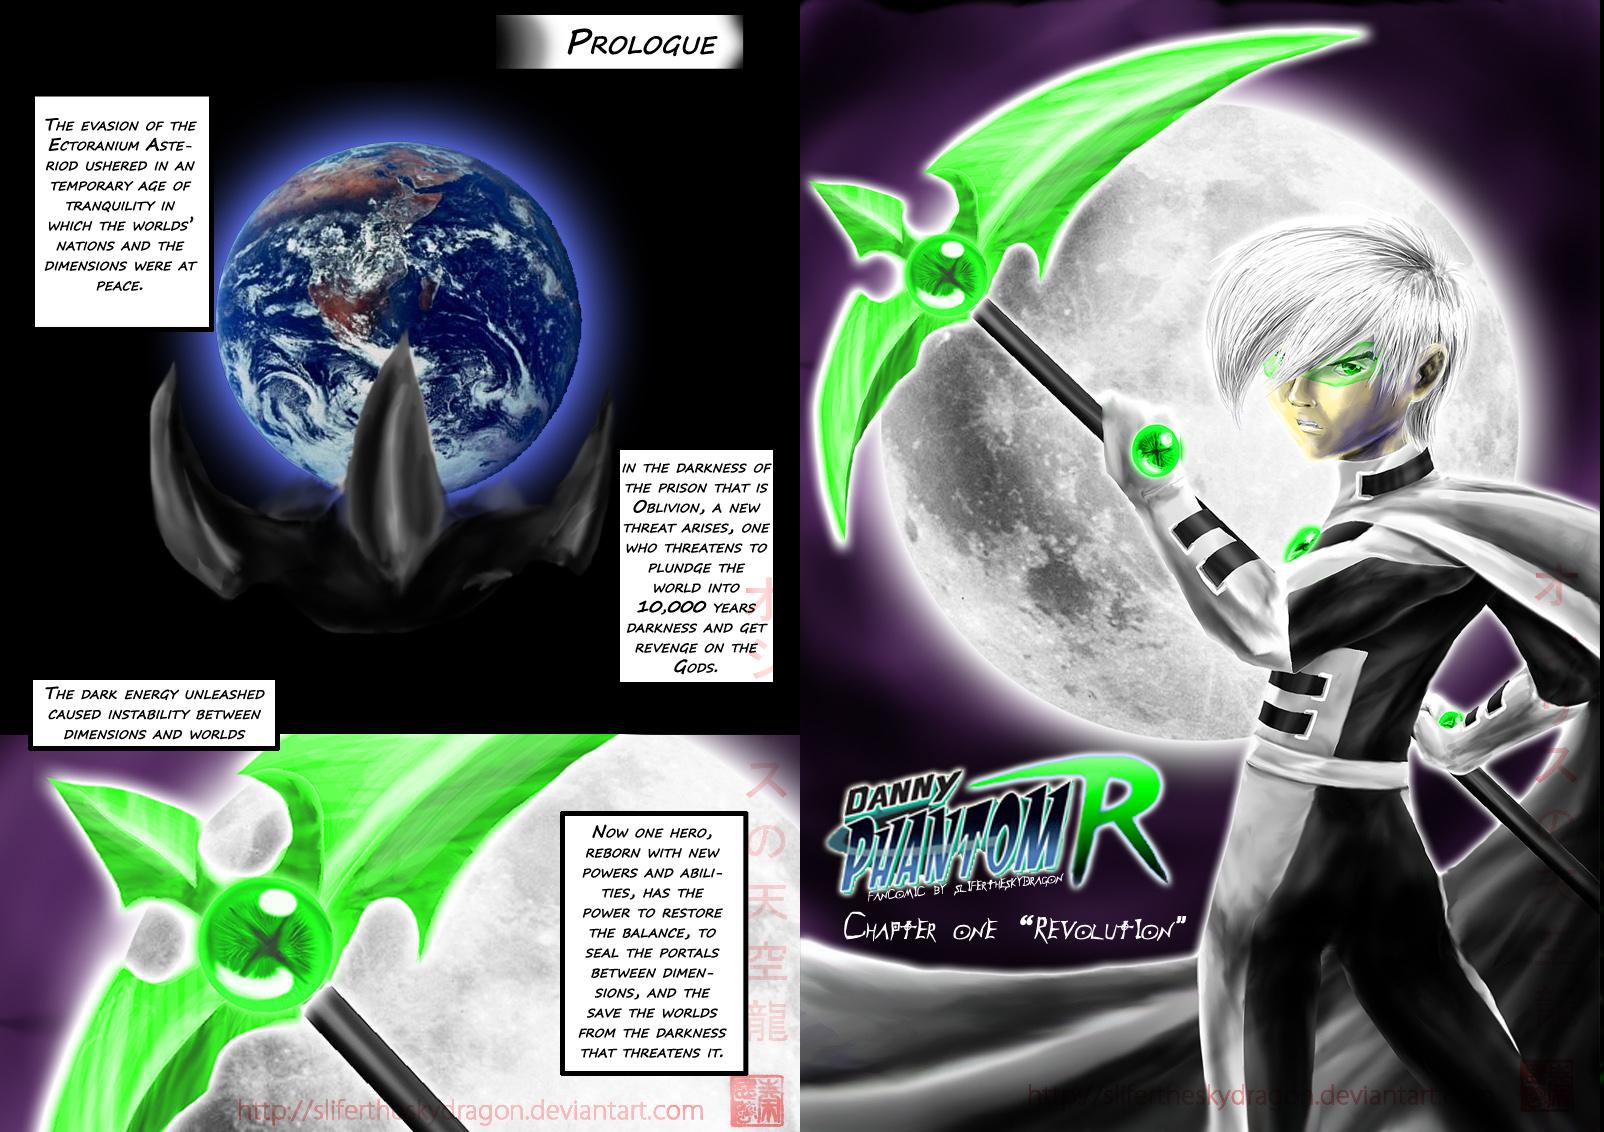 Danny Phantom Rebirth page 1+2